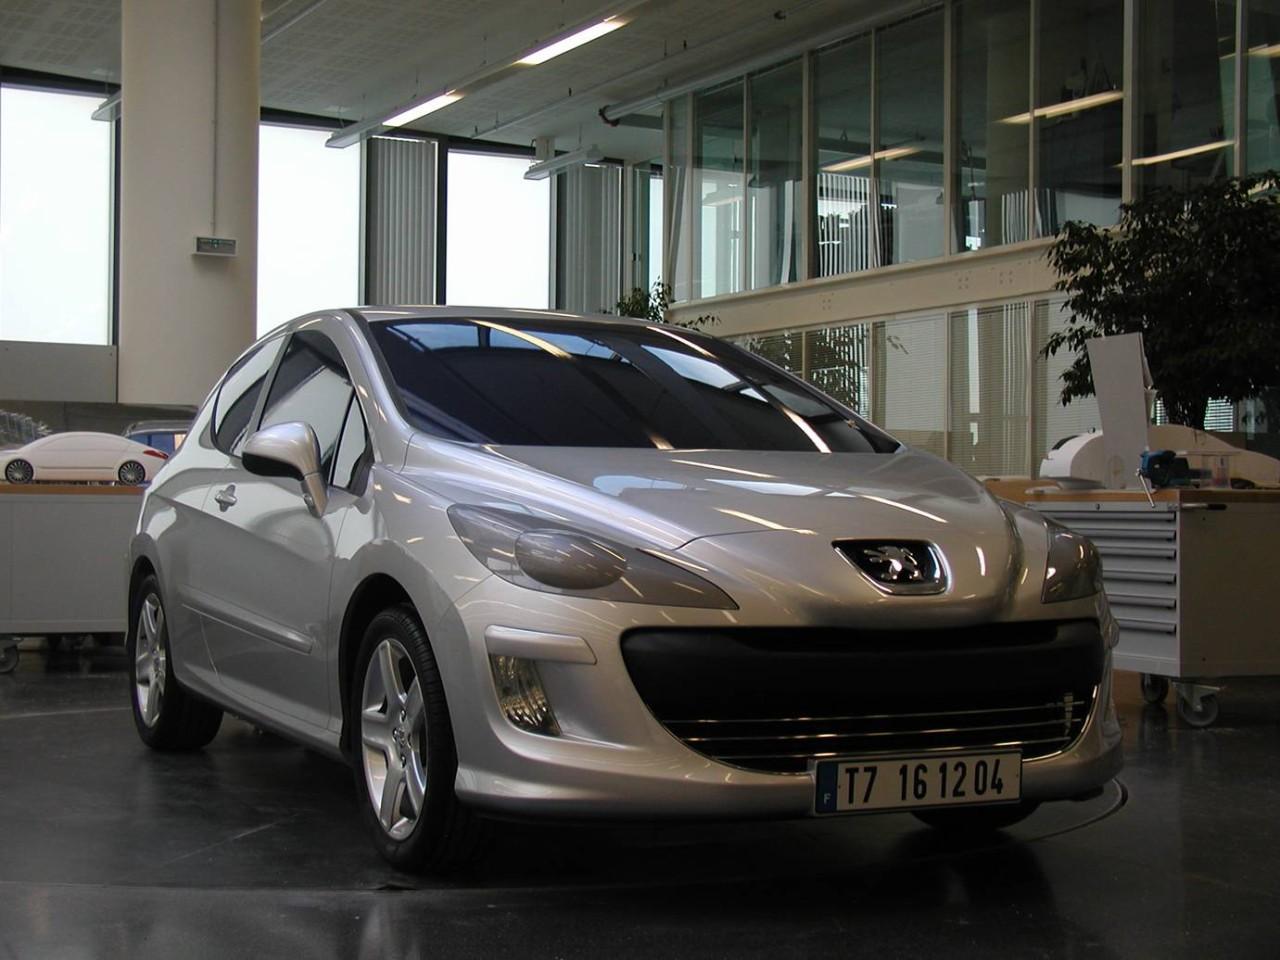 [Présentation] Le design par Peugeot - Page 10 0_peugeot_31_1280_960